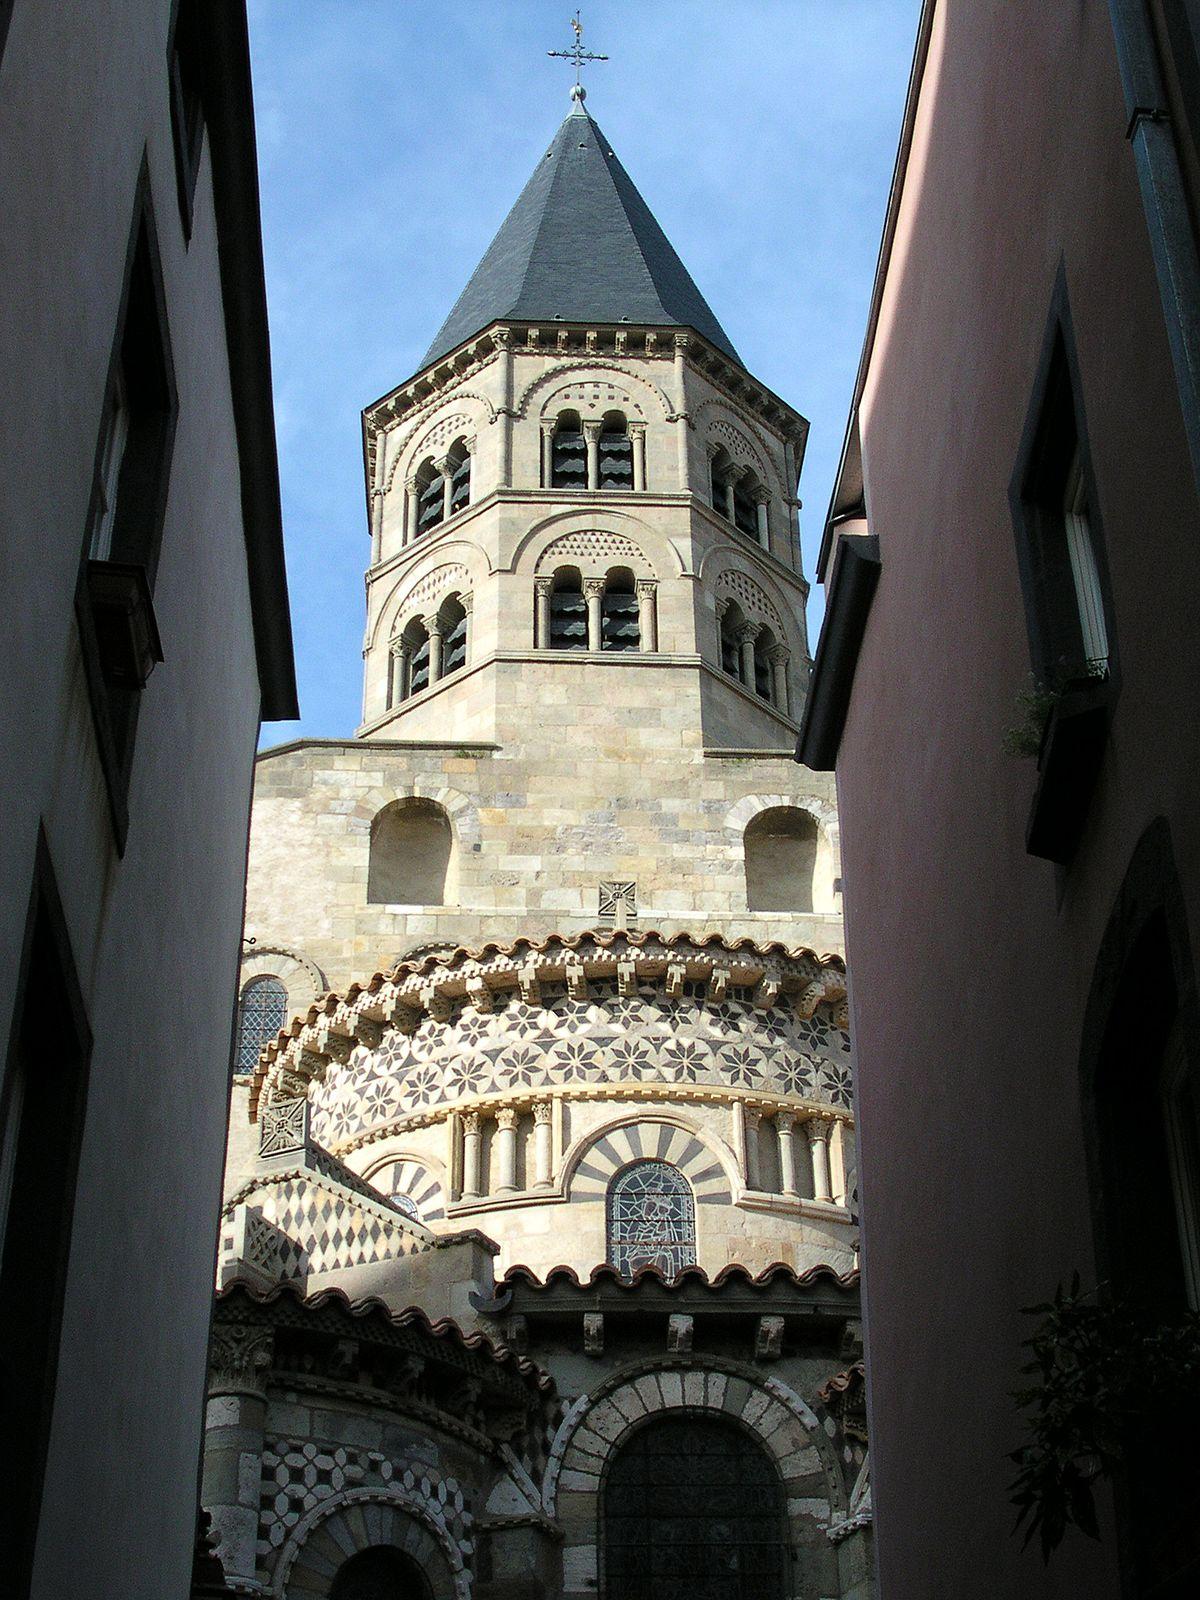 Basilique notre dame du port clermont ferrand wikimedia commons - Basilique notre dame du port ...